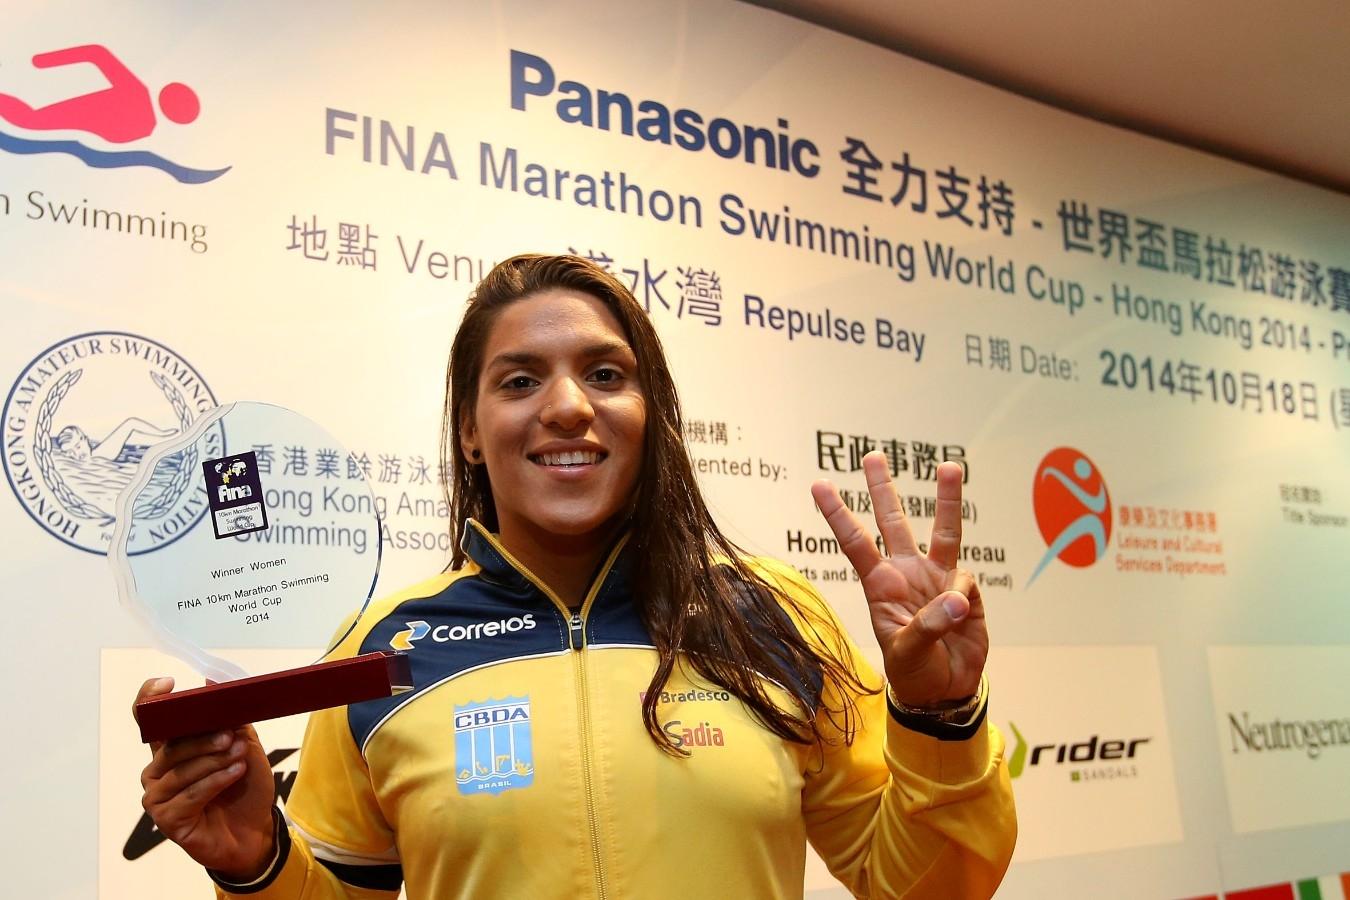 Ana Marcela. Copa do Mundo de Maratonas Aquaticas, etapa Travessia de Hong Kong na Repulse Bay. 18 de Outubro de 2014, Hong Kong. Foto: Satiro Sodre/SSPress.